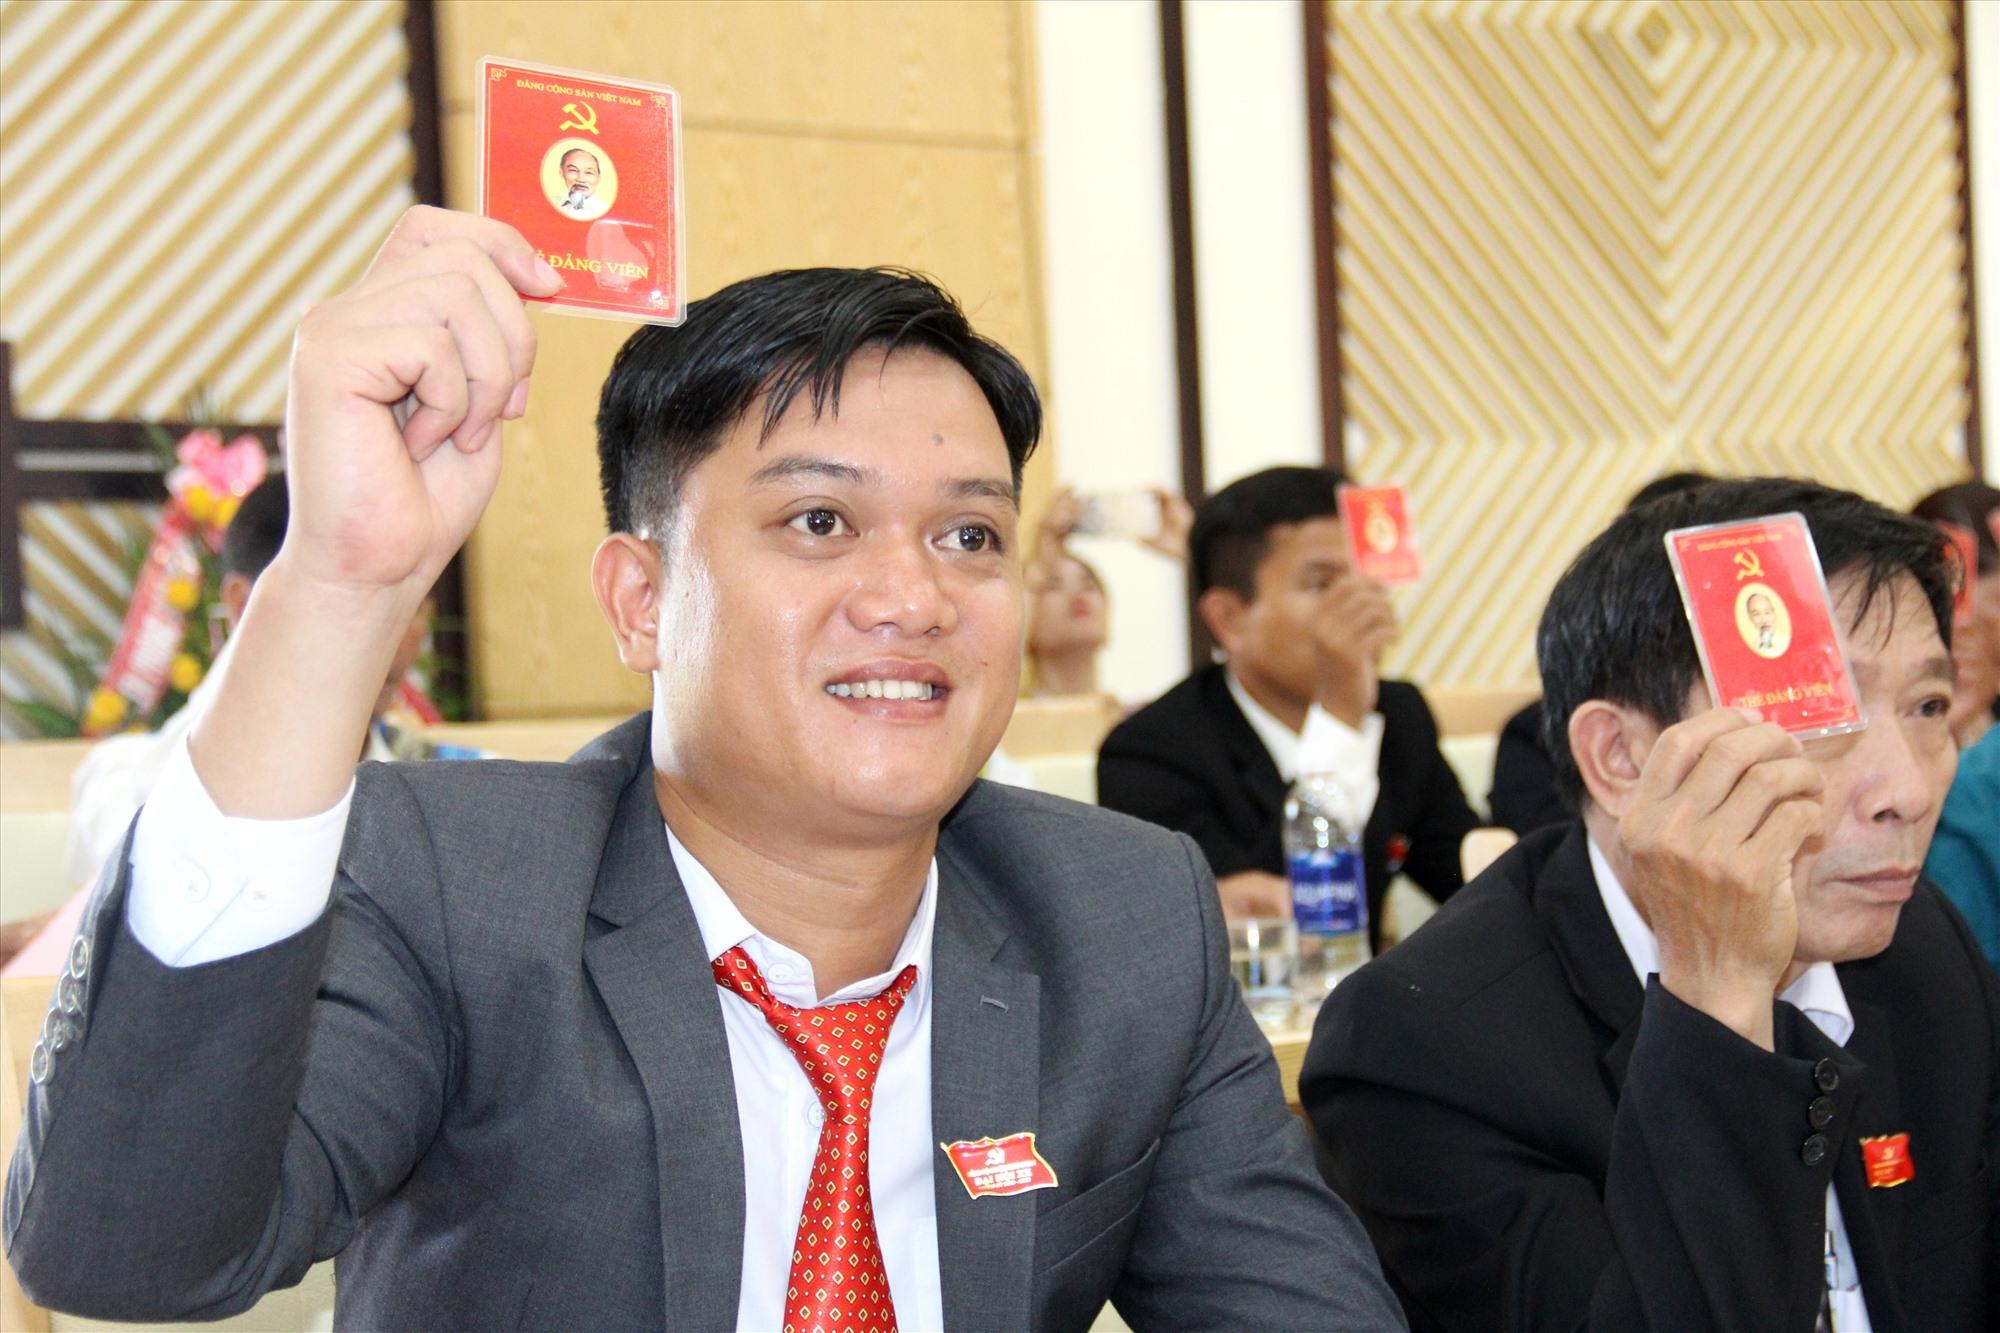 Đại biểu biểu quyết thống nhất với đề án nhân sự bssfu cấp ủy khóa XX do Ban chấp hành Đảng bộ huyện khóa XIX chuẩn bị. Ảnh: A.N